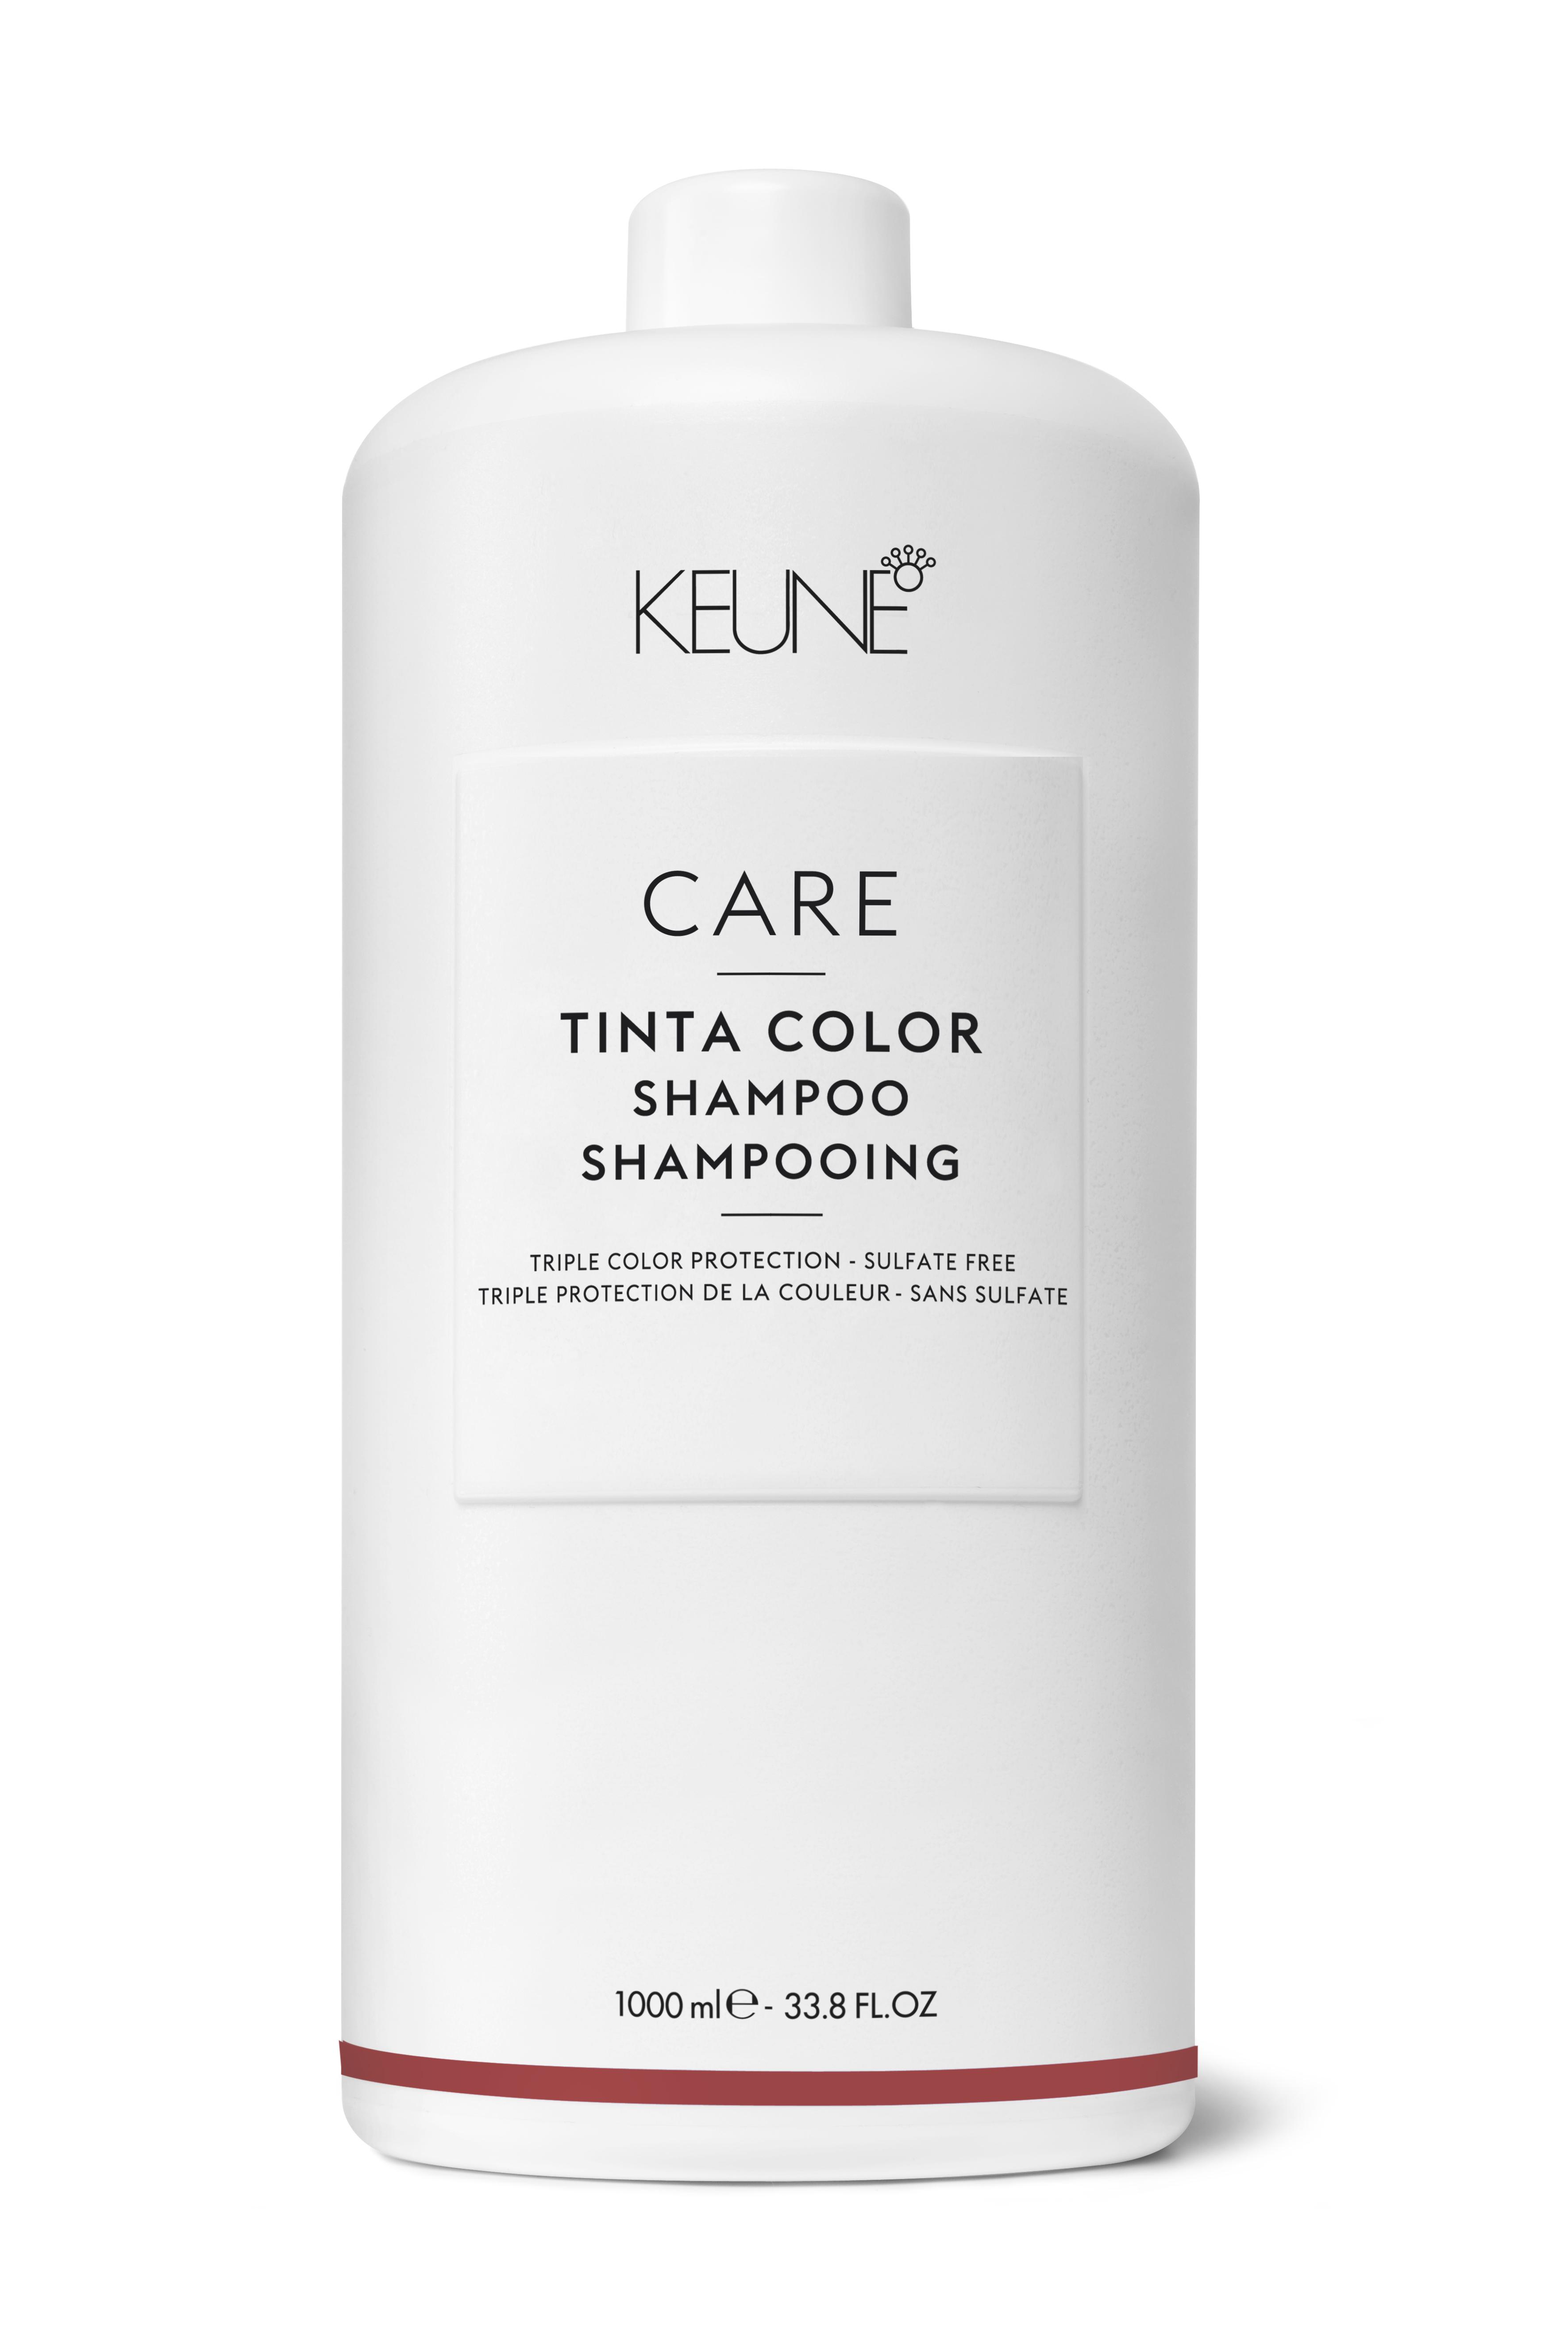 Купить KEUNE Шампунь для окрашенных волос / CARE TINTA COLOR SHAMPOO 1000 мл